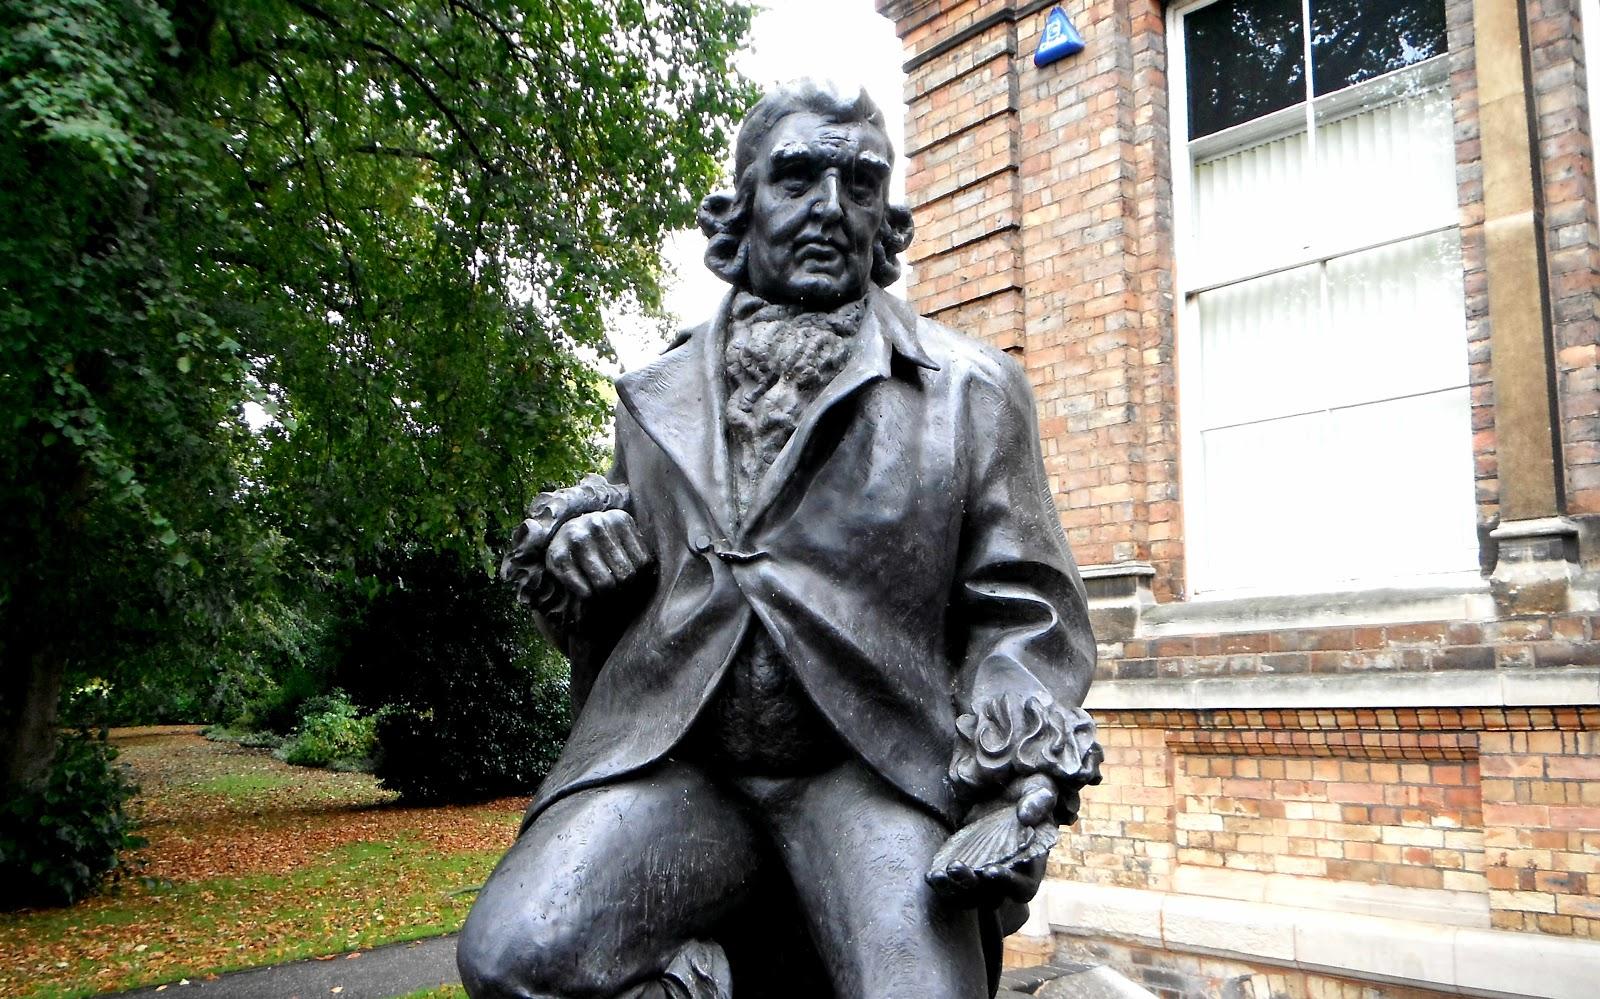 Erasmus Darwin statue